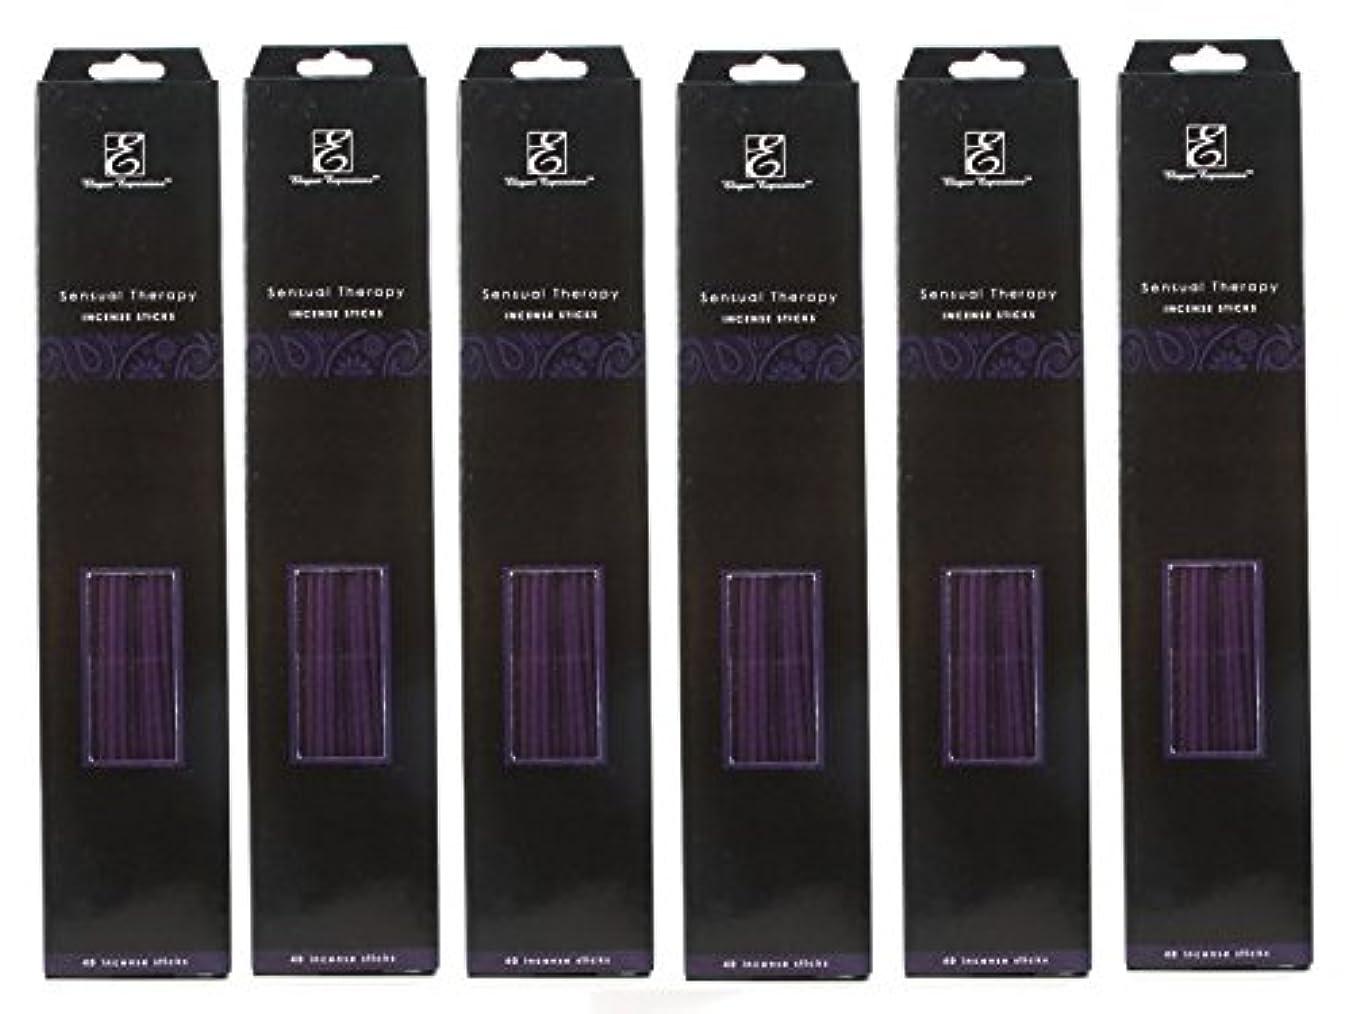 バタフライ強調する前件Hosley 's Highly Fragranced官能的療法Incense Sticks 240パック、Infused with Essential Oils。Ideal For結婚式、イベント、アロマセラピー、Spa...